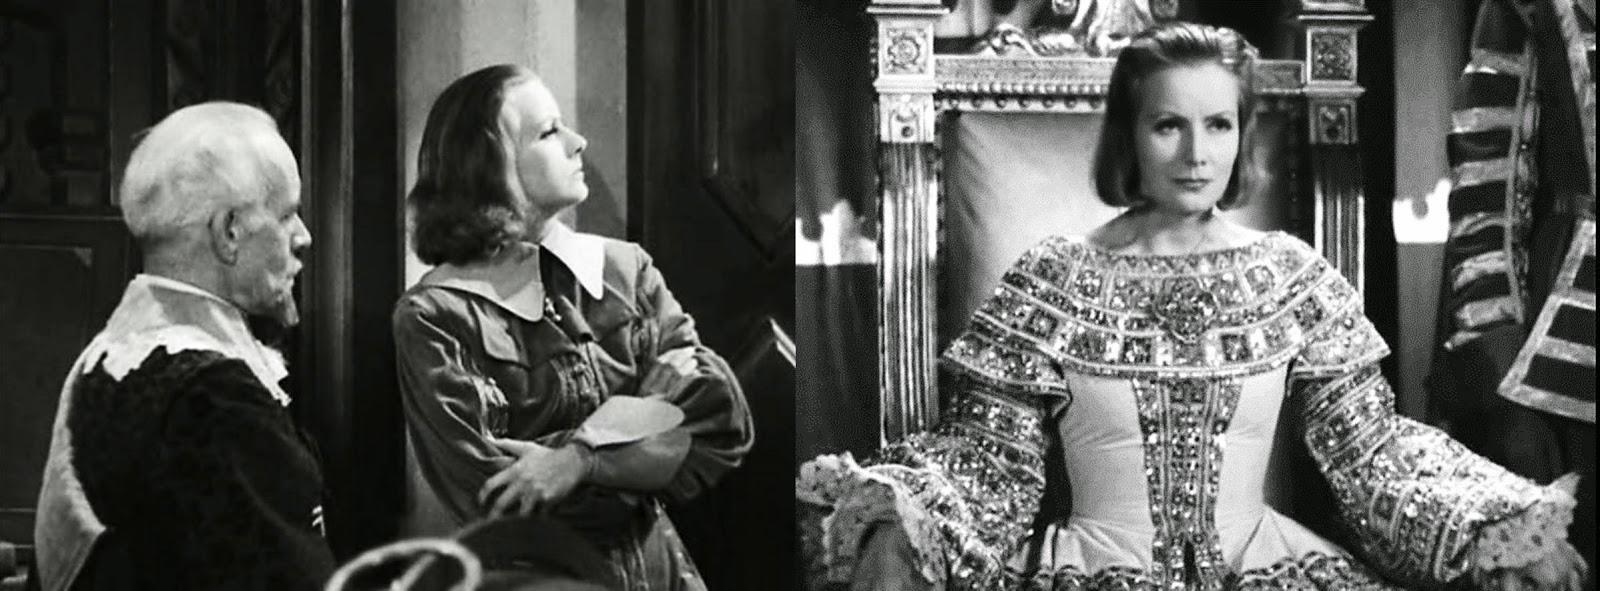 films classiques blog sur les films les acteurs et les actrices de l 39 ge d 39 or du cin ma. Black Bedroom Furniture Sets. Home Design Ideas